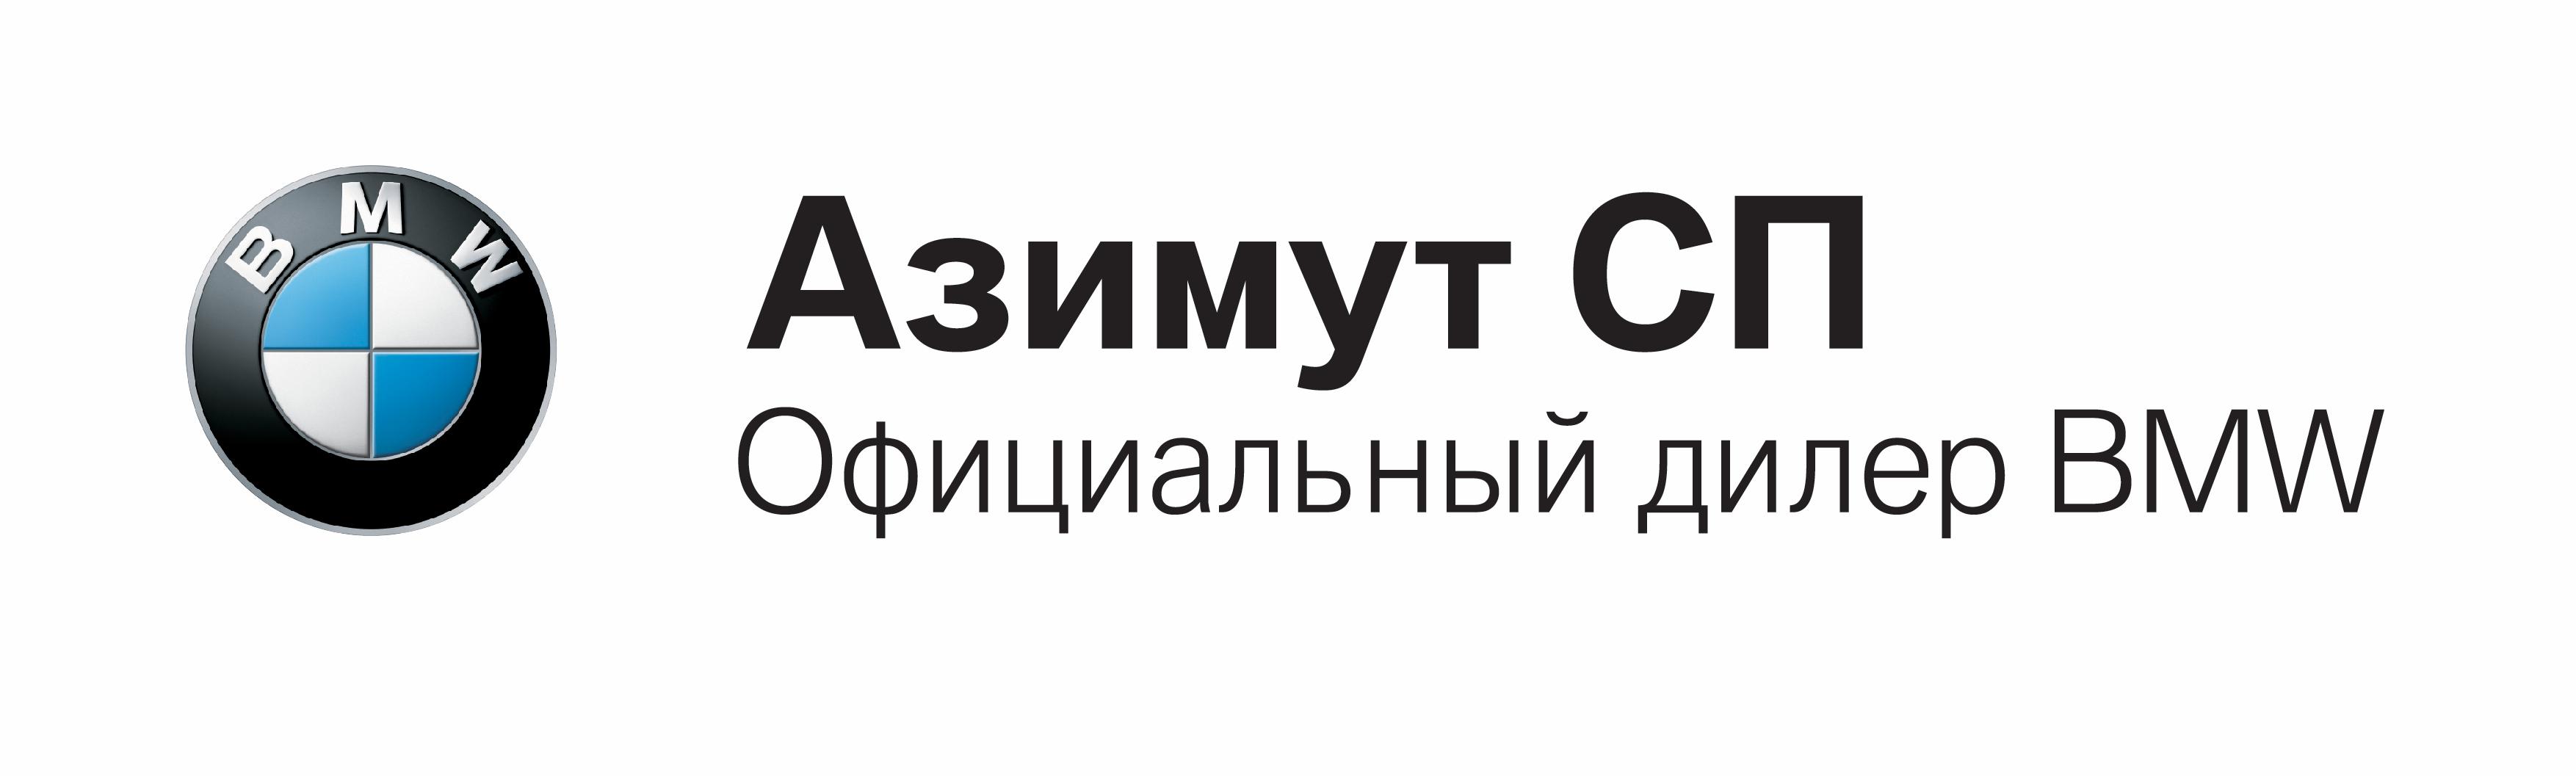 Азимут БМВ